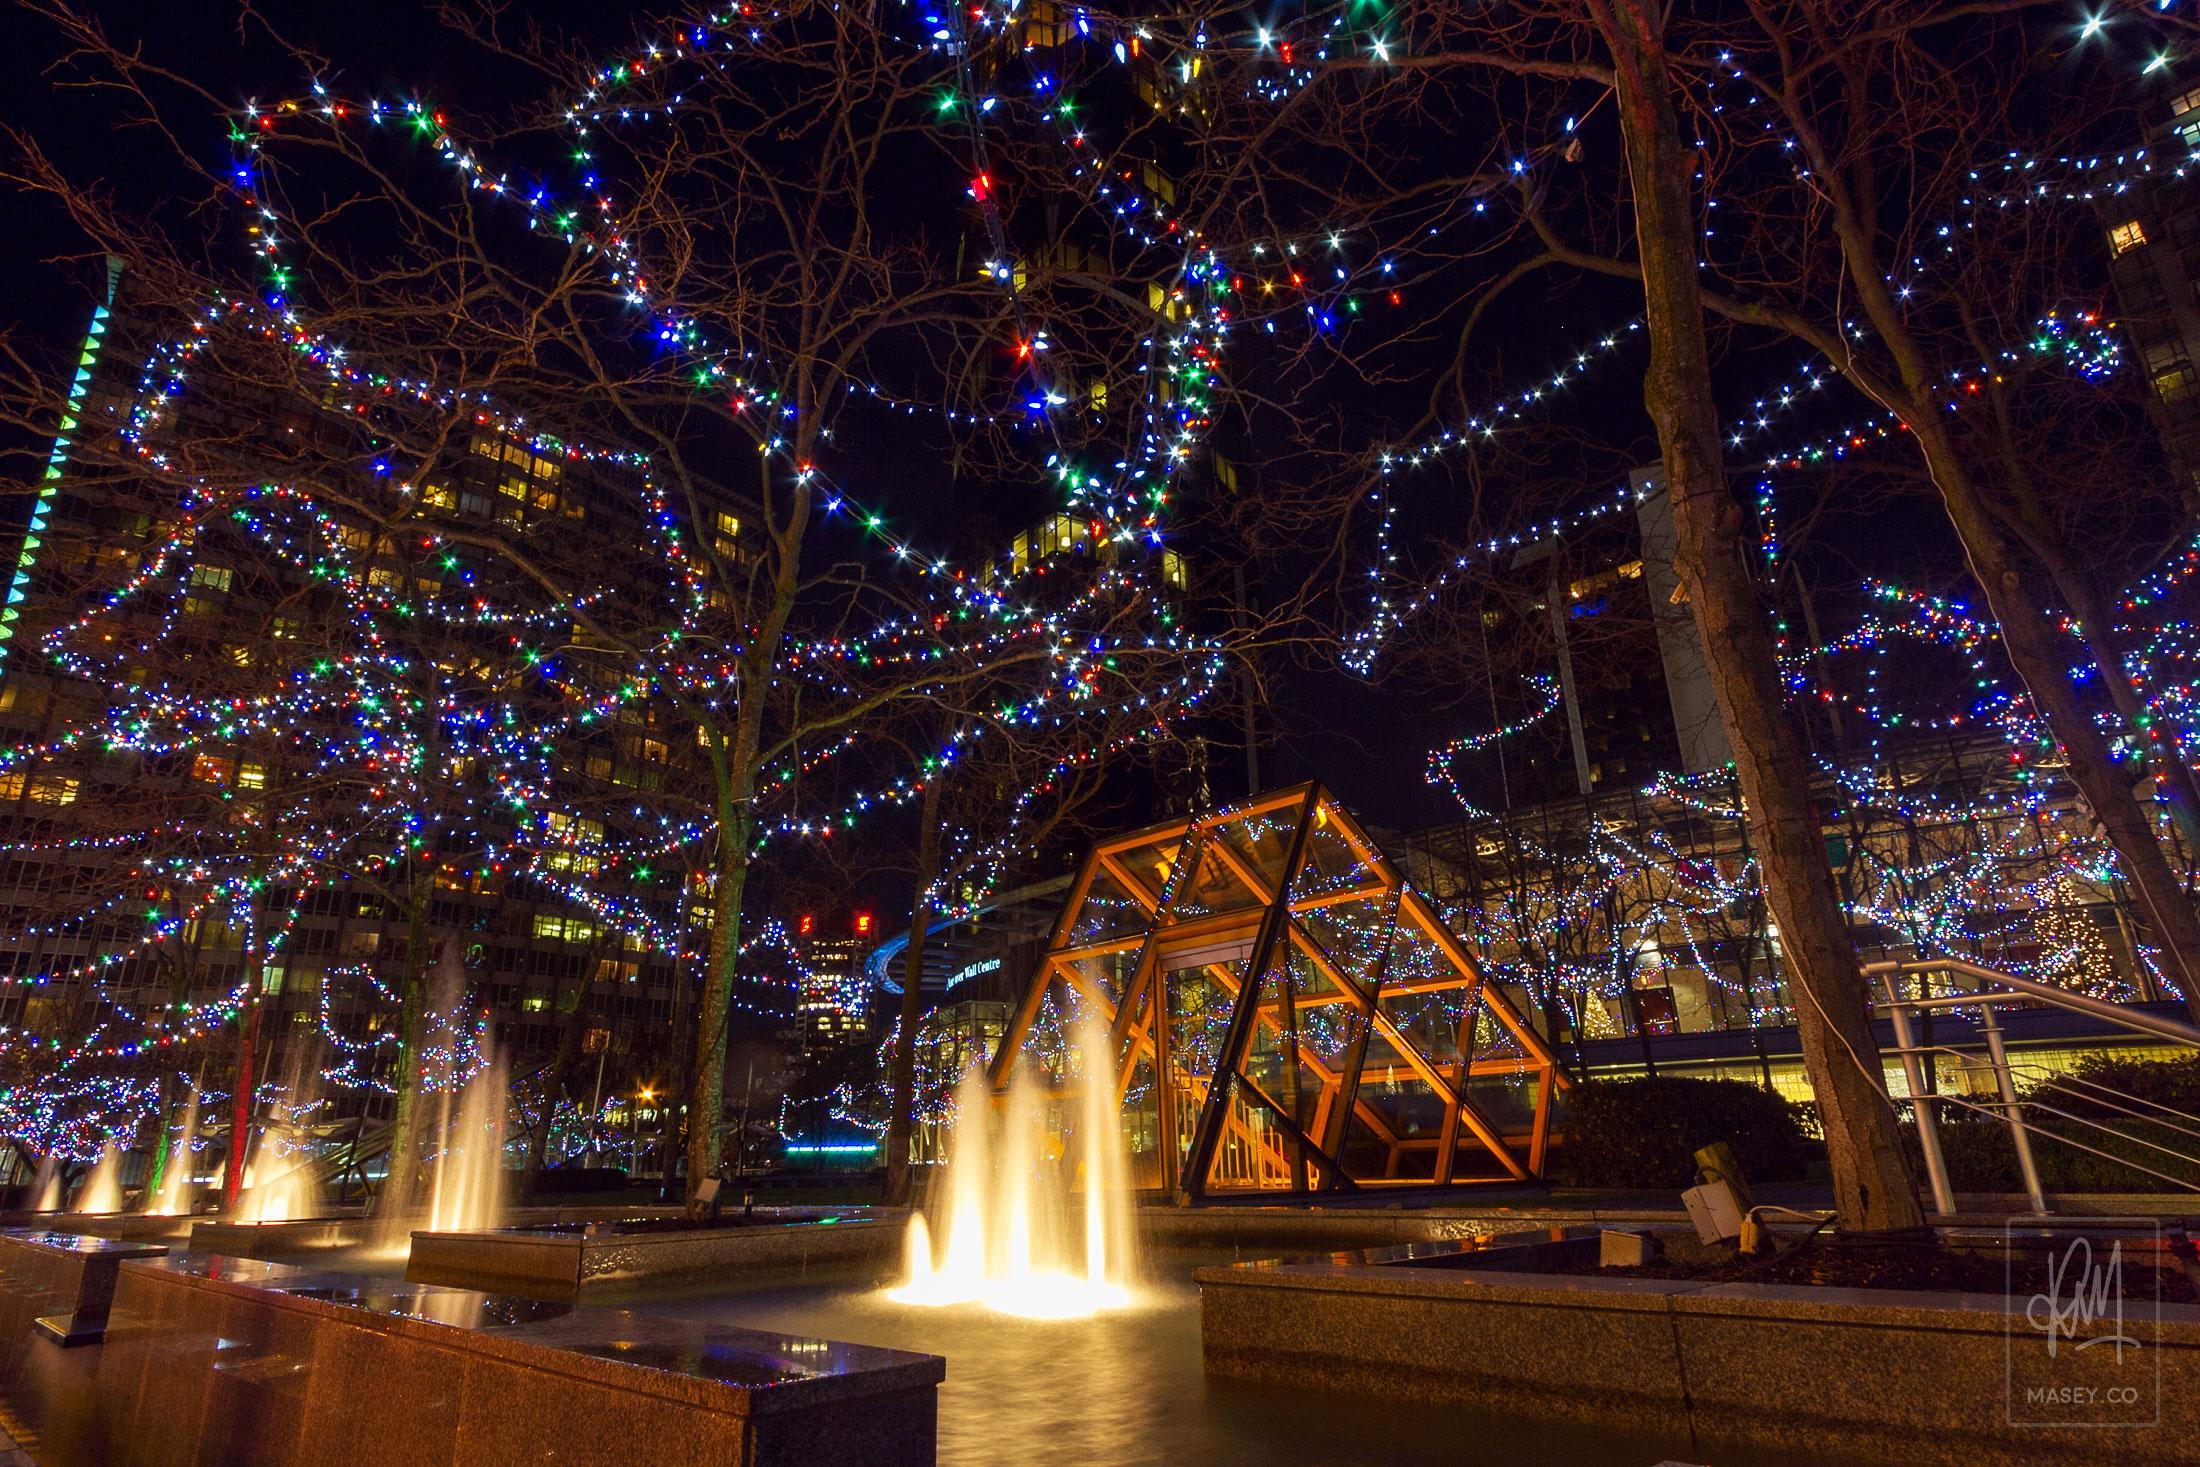 Vancouver Night Photo Walk - Xmas Edition